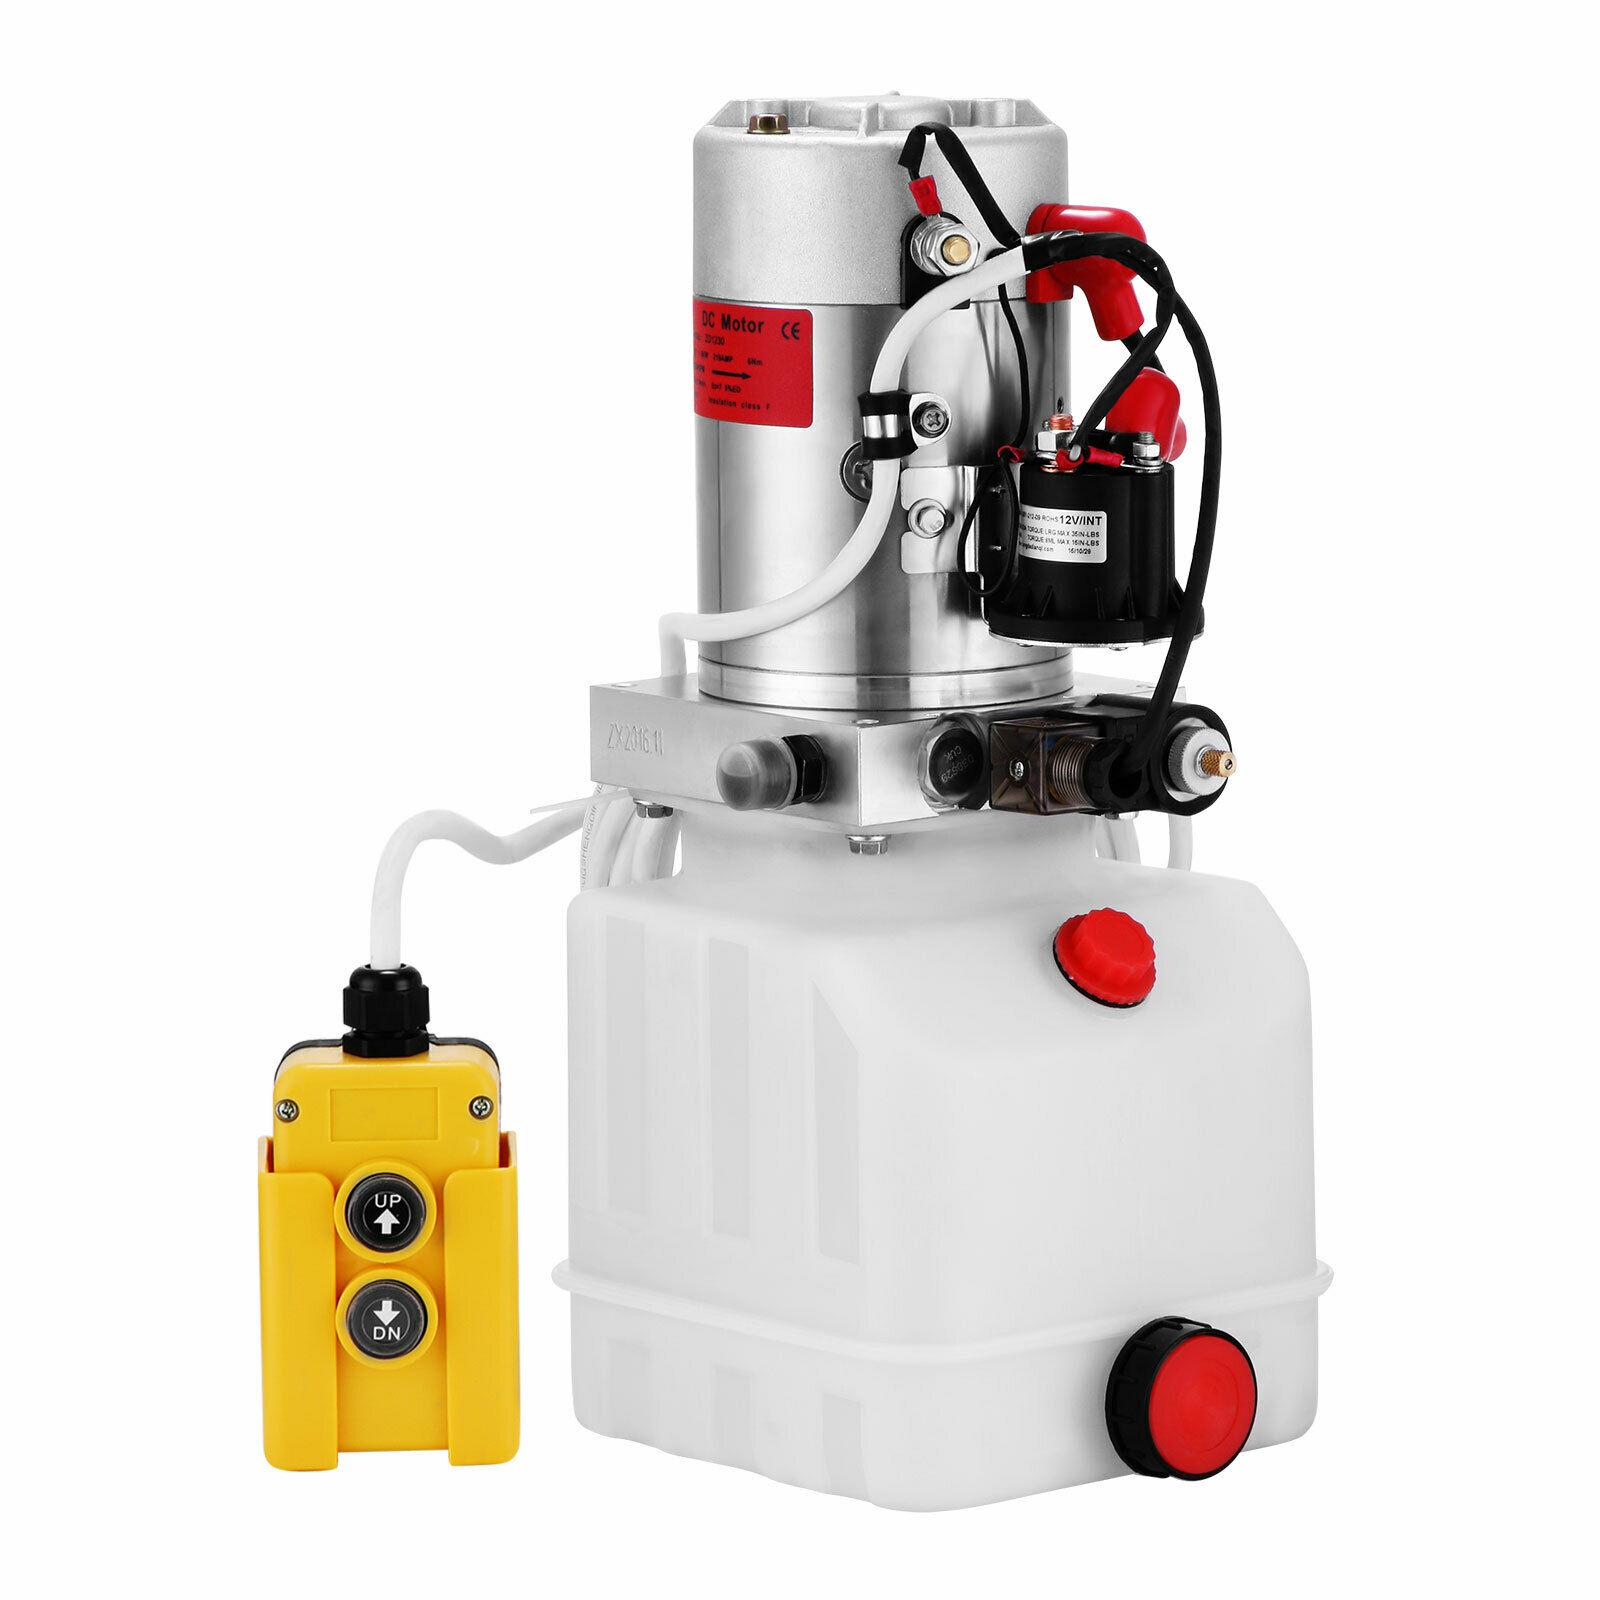 Hydraulic Pump 12V DC Single Acting Hydraulic Power Unit 4 Quart Plastic Tank Hydraulic Pump Power Unit For Dump Trailer Car Lif